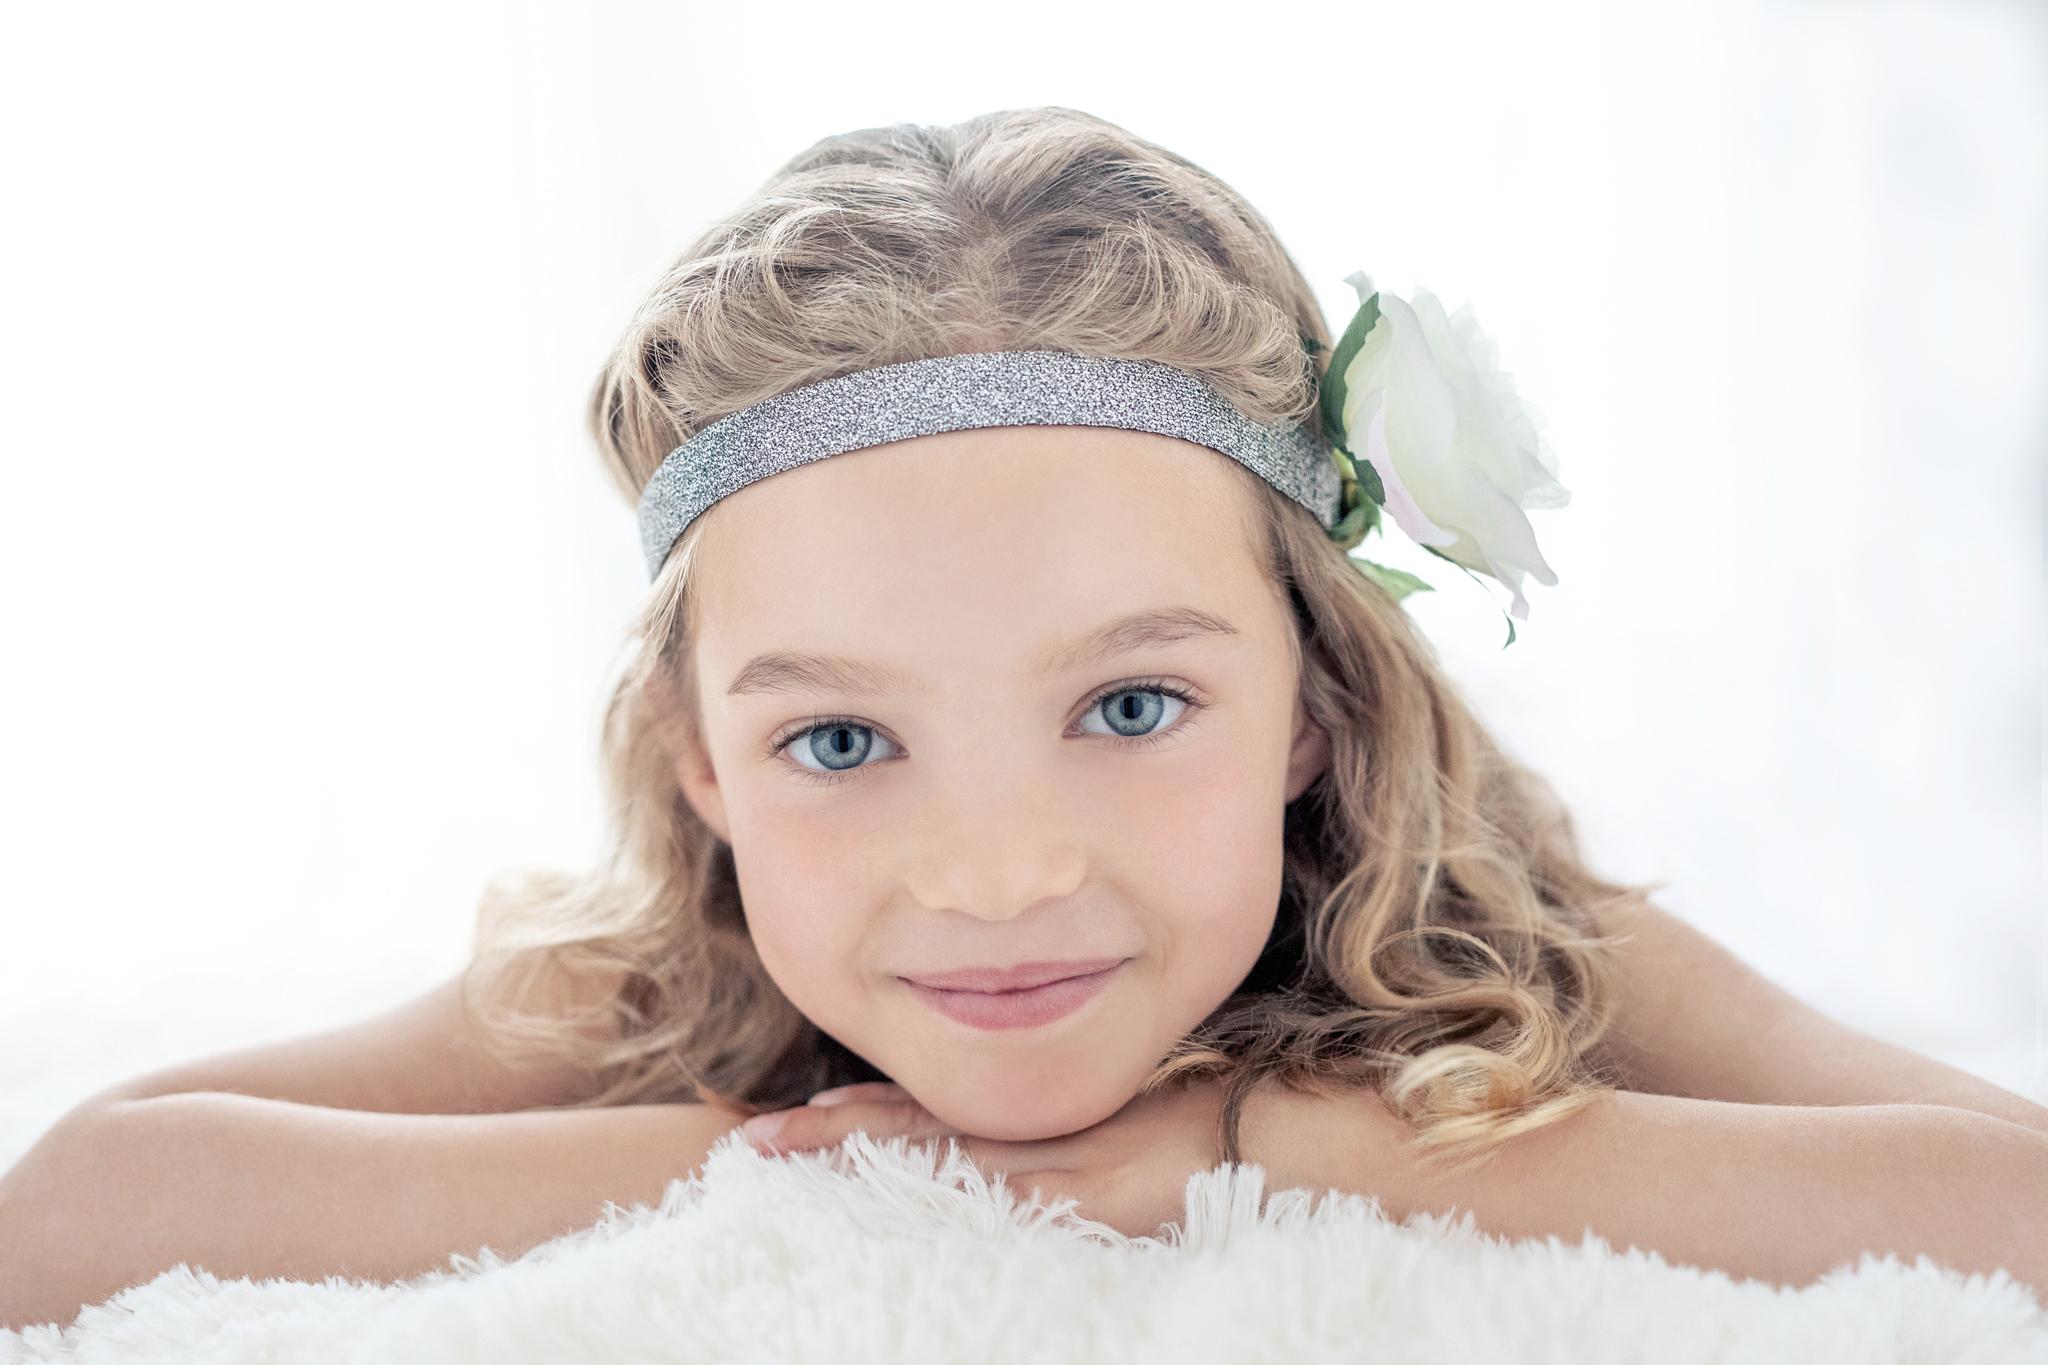 petite fille contre-jour fleurs blanche photo portrait studio lot-et-garonne marmande tonneins virazeil